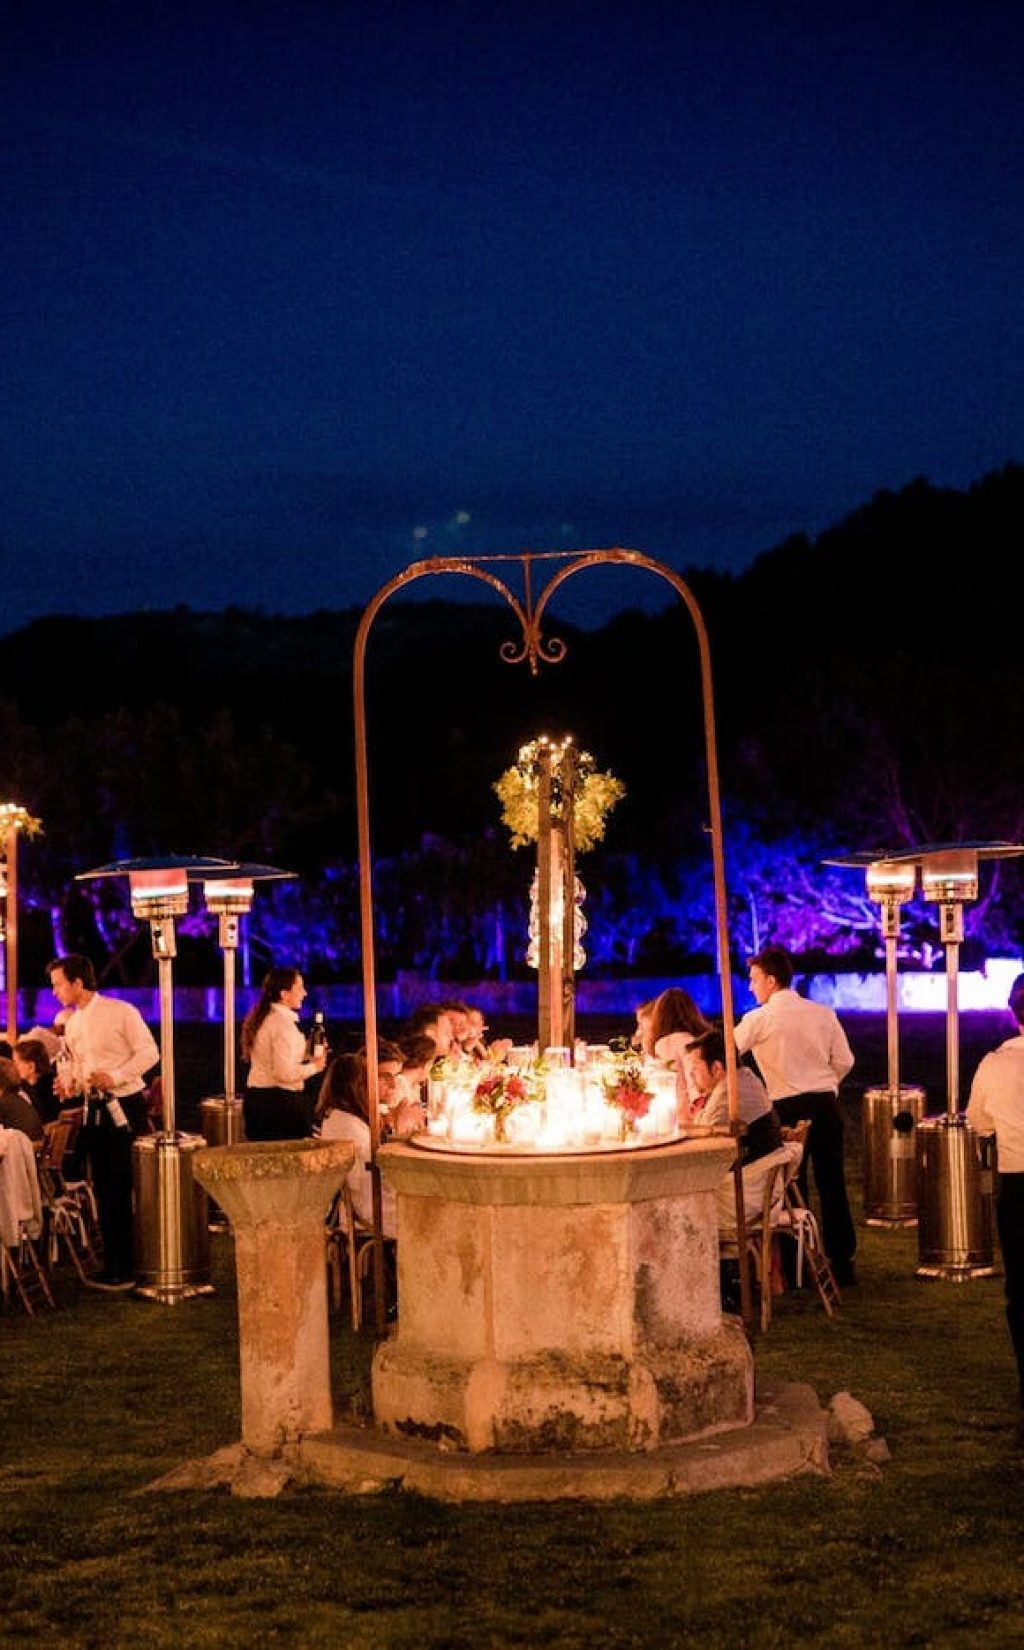 cena romántica de boda en el patio de la finca biniorella, Andratx, Mallorca